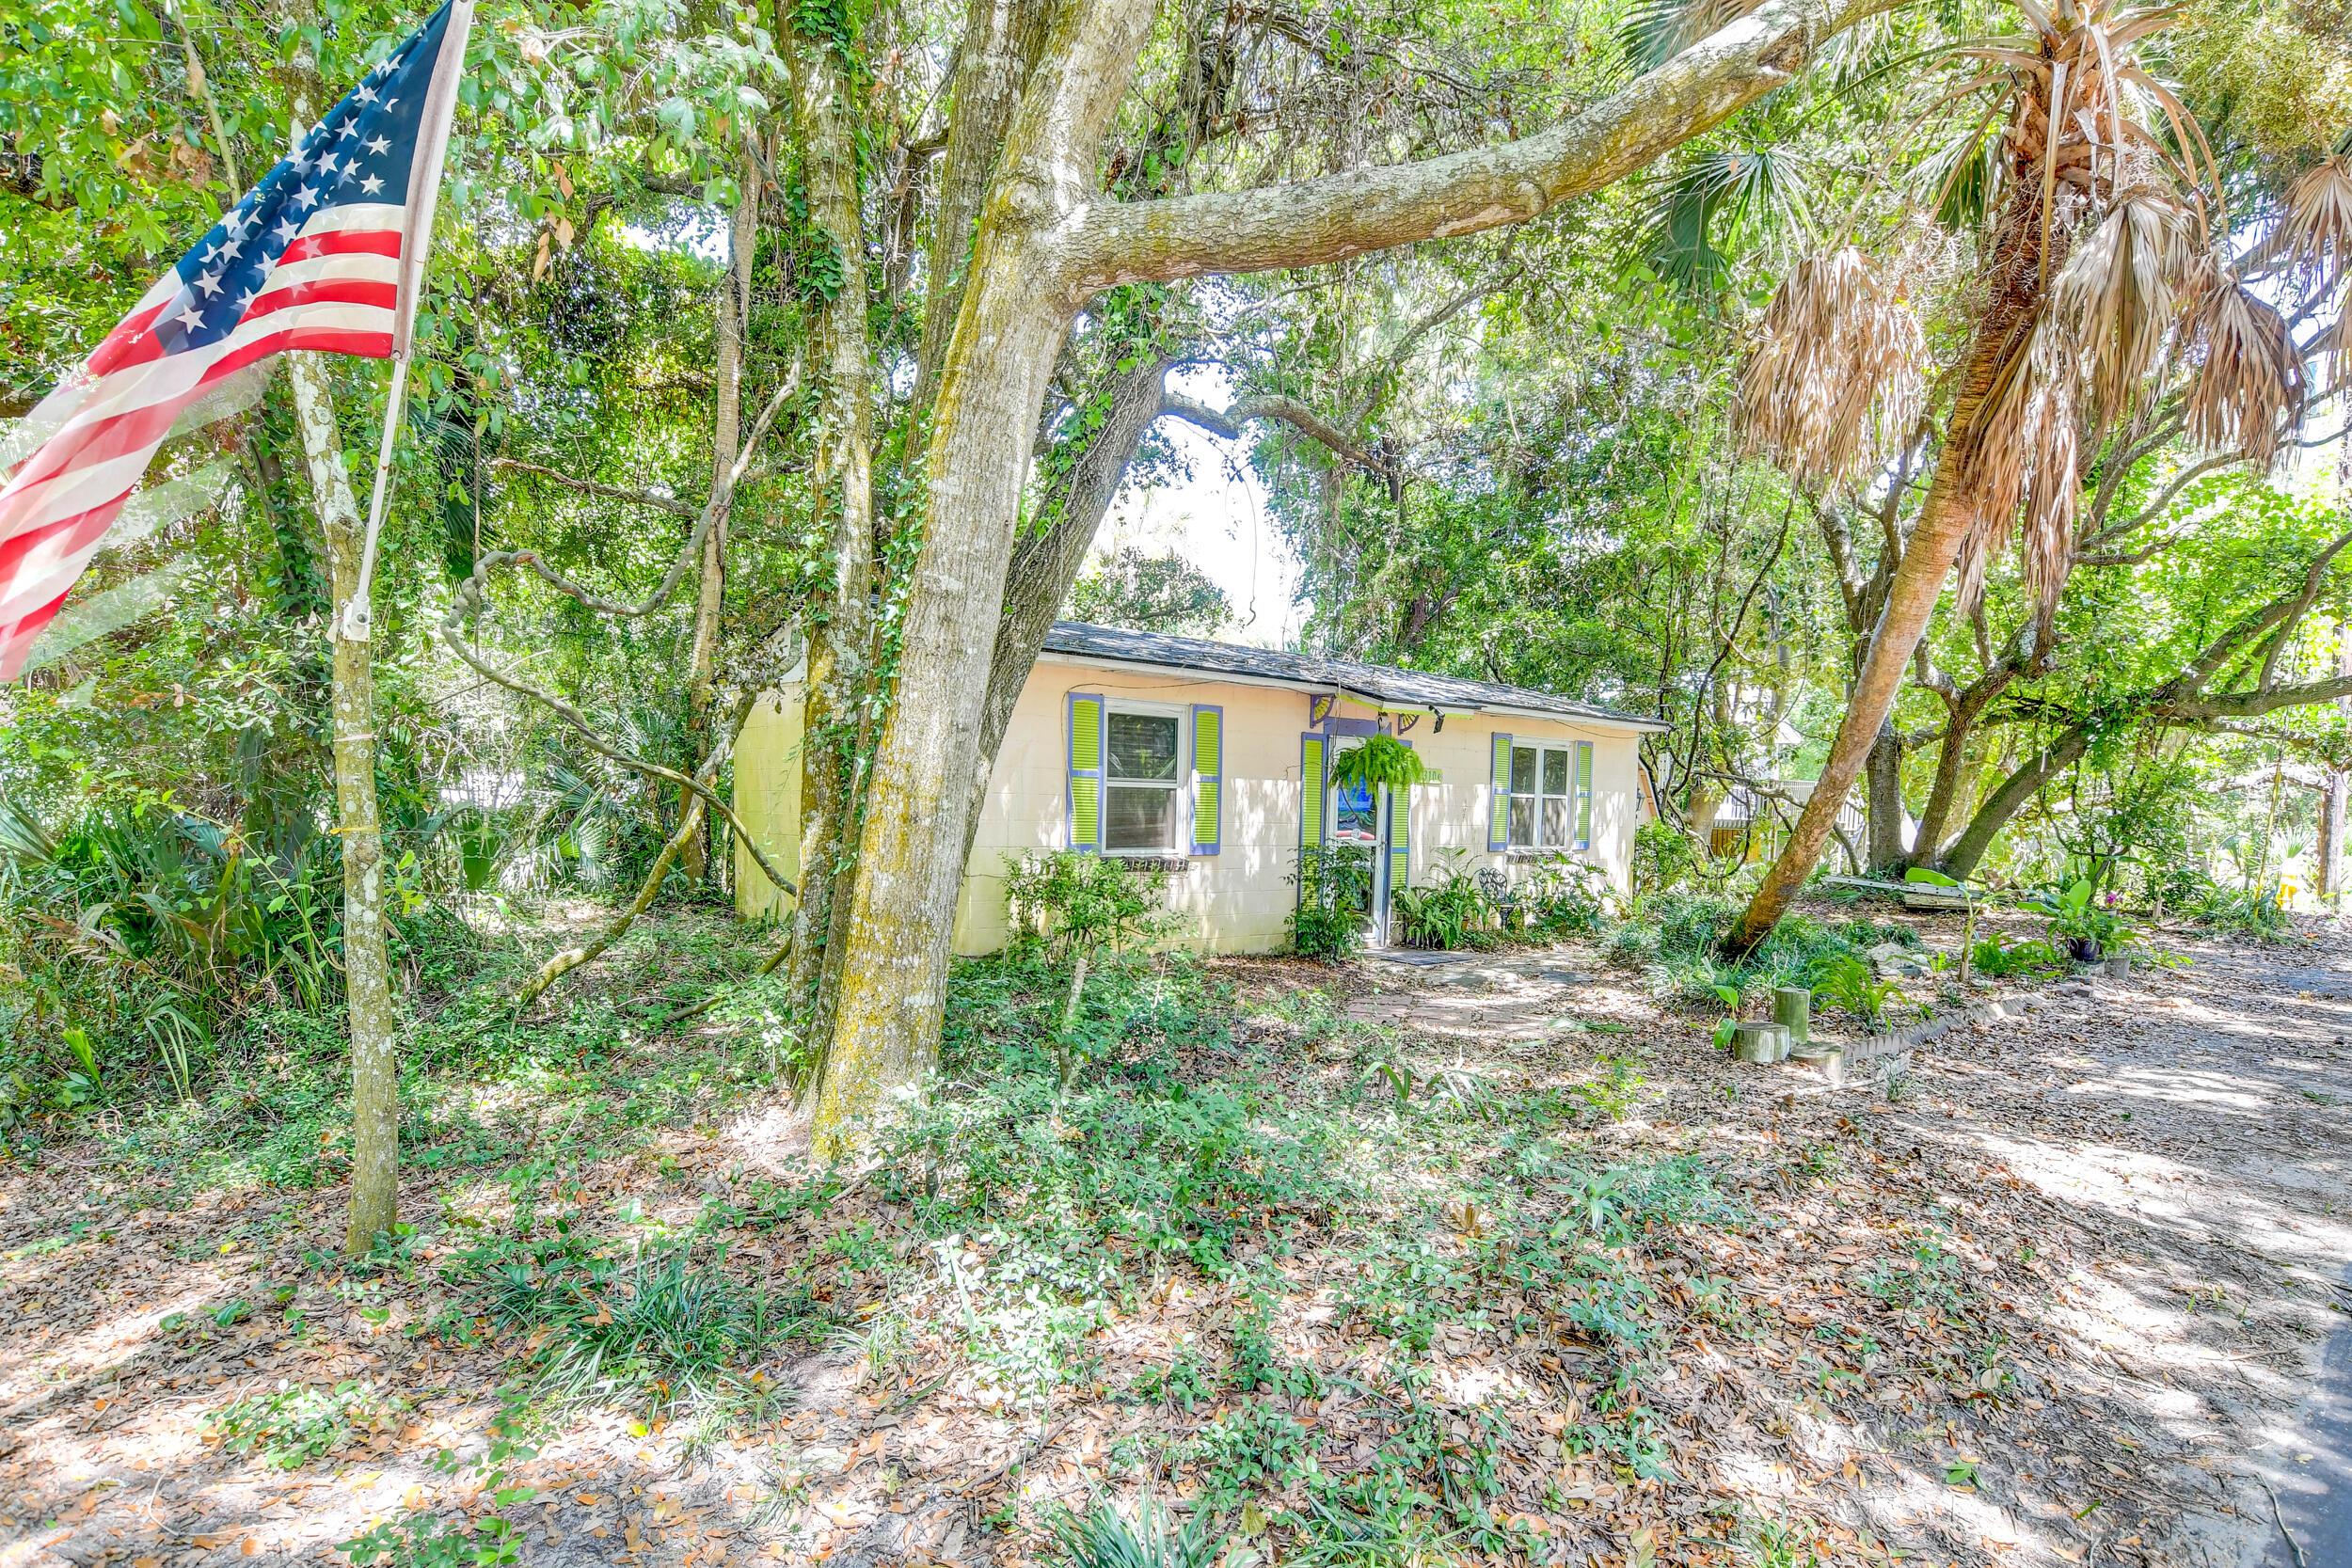 Folly Beach Homes For Sale - 310 Hudson, Folly Beach, SC - 7